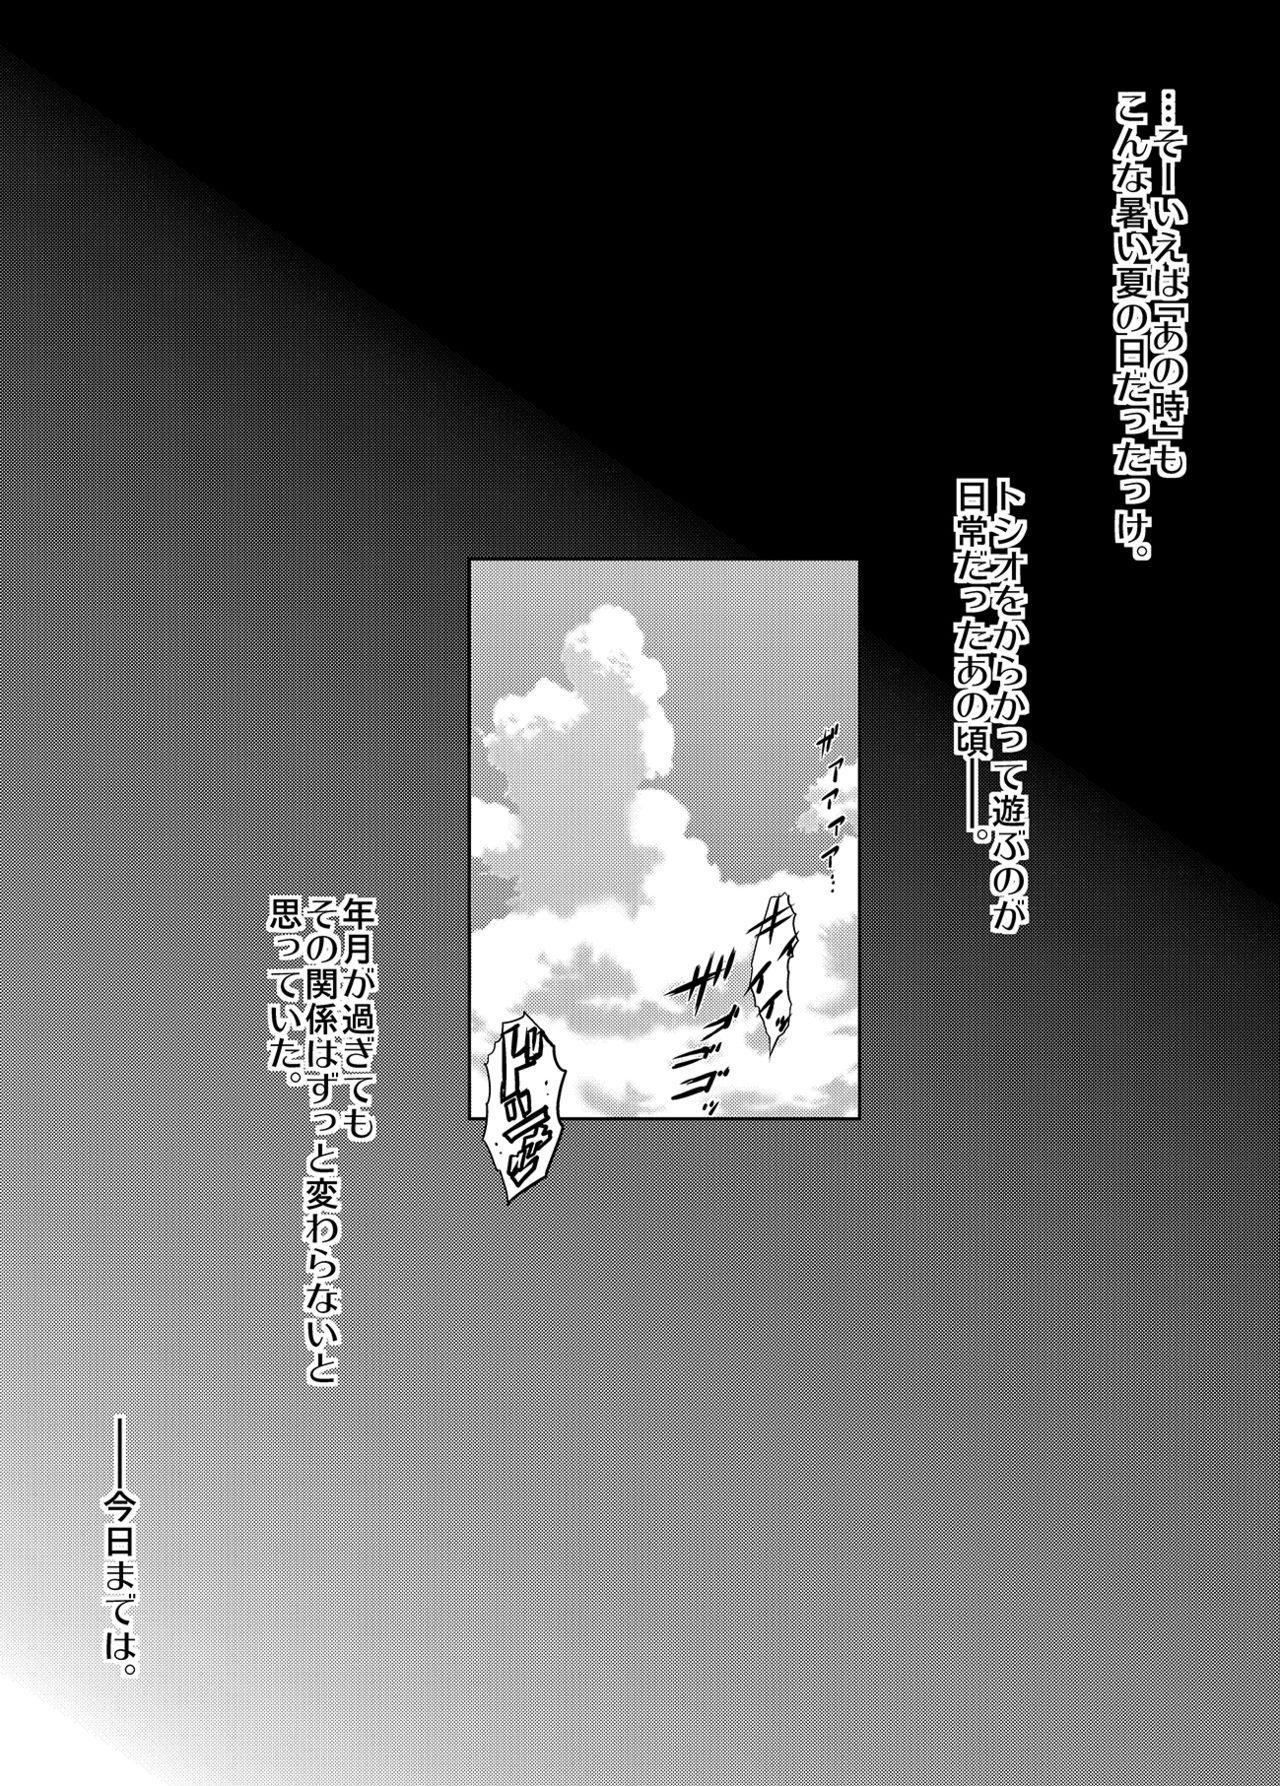 Mukashi kara Baka ni Shiteita Itoko no Kanninbukuro no O ga Kireta Kekka, Futarikiri no Semai Shanai de Karada o Moteasobareta Natsu no Hi no Koto. 4